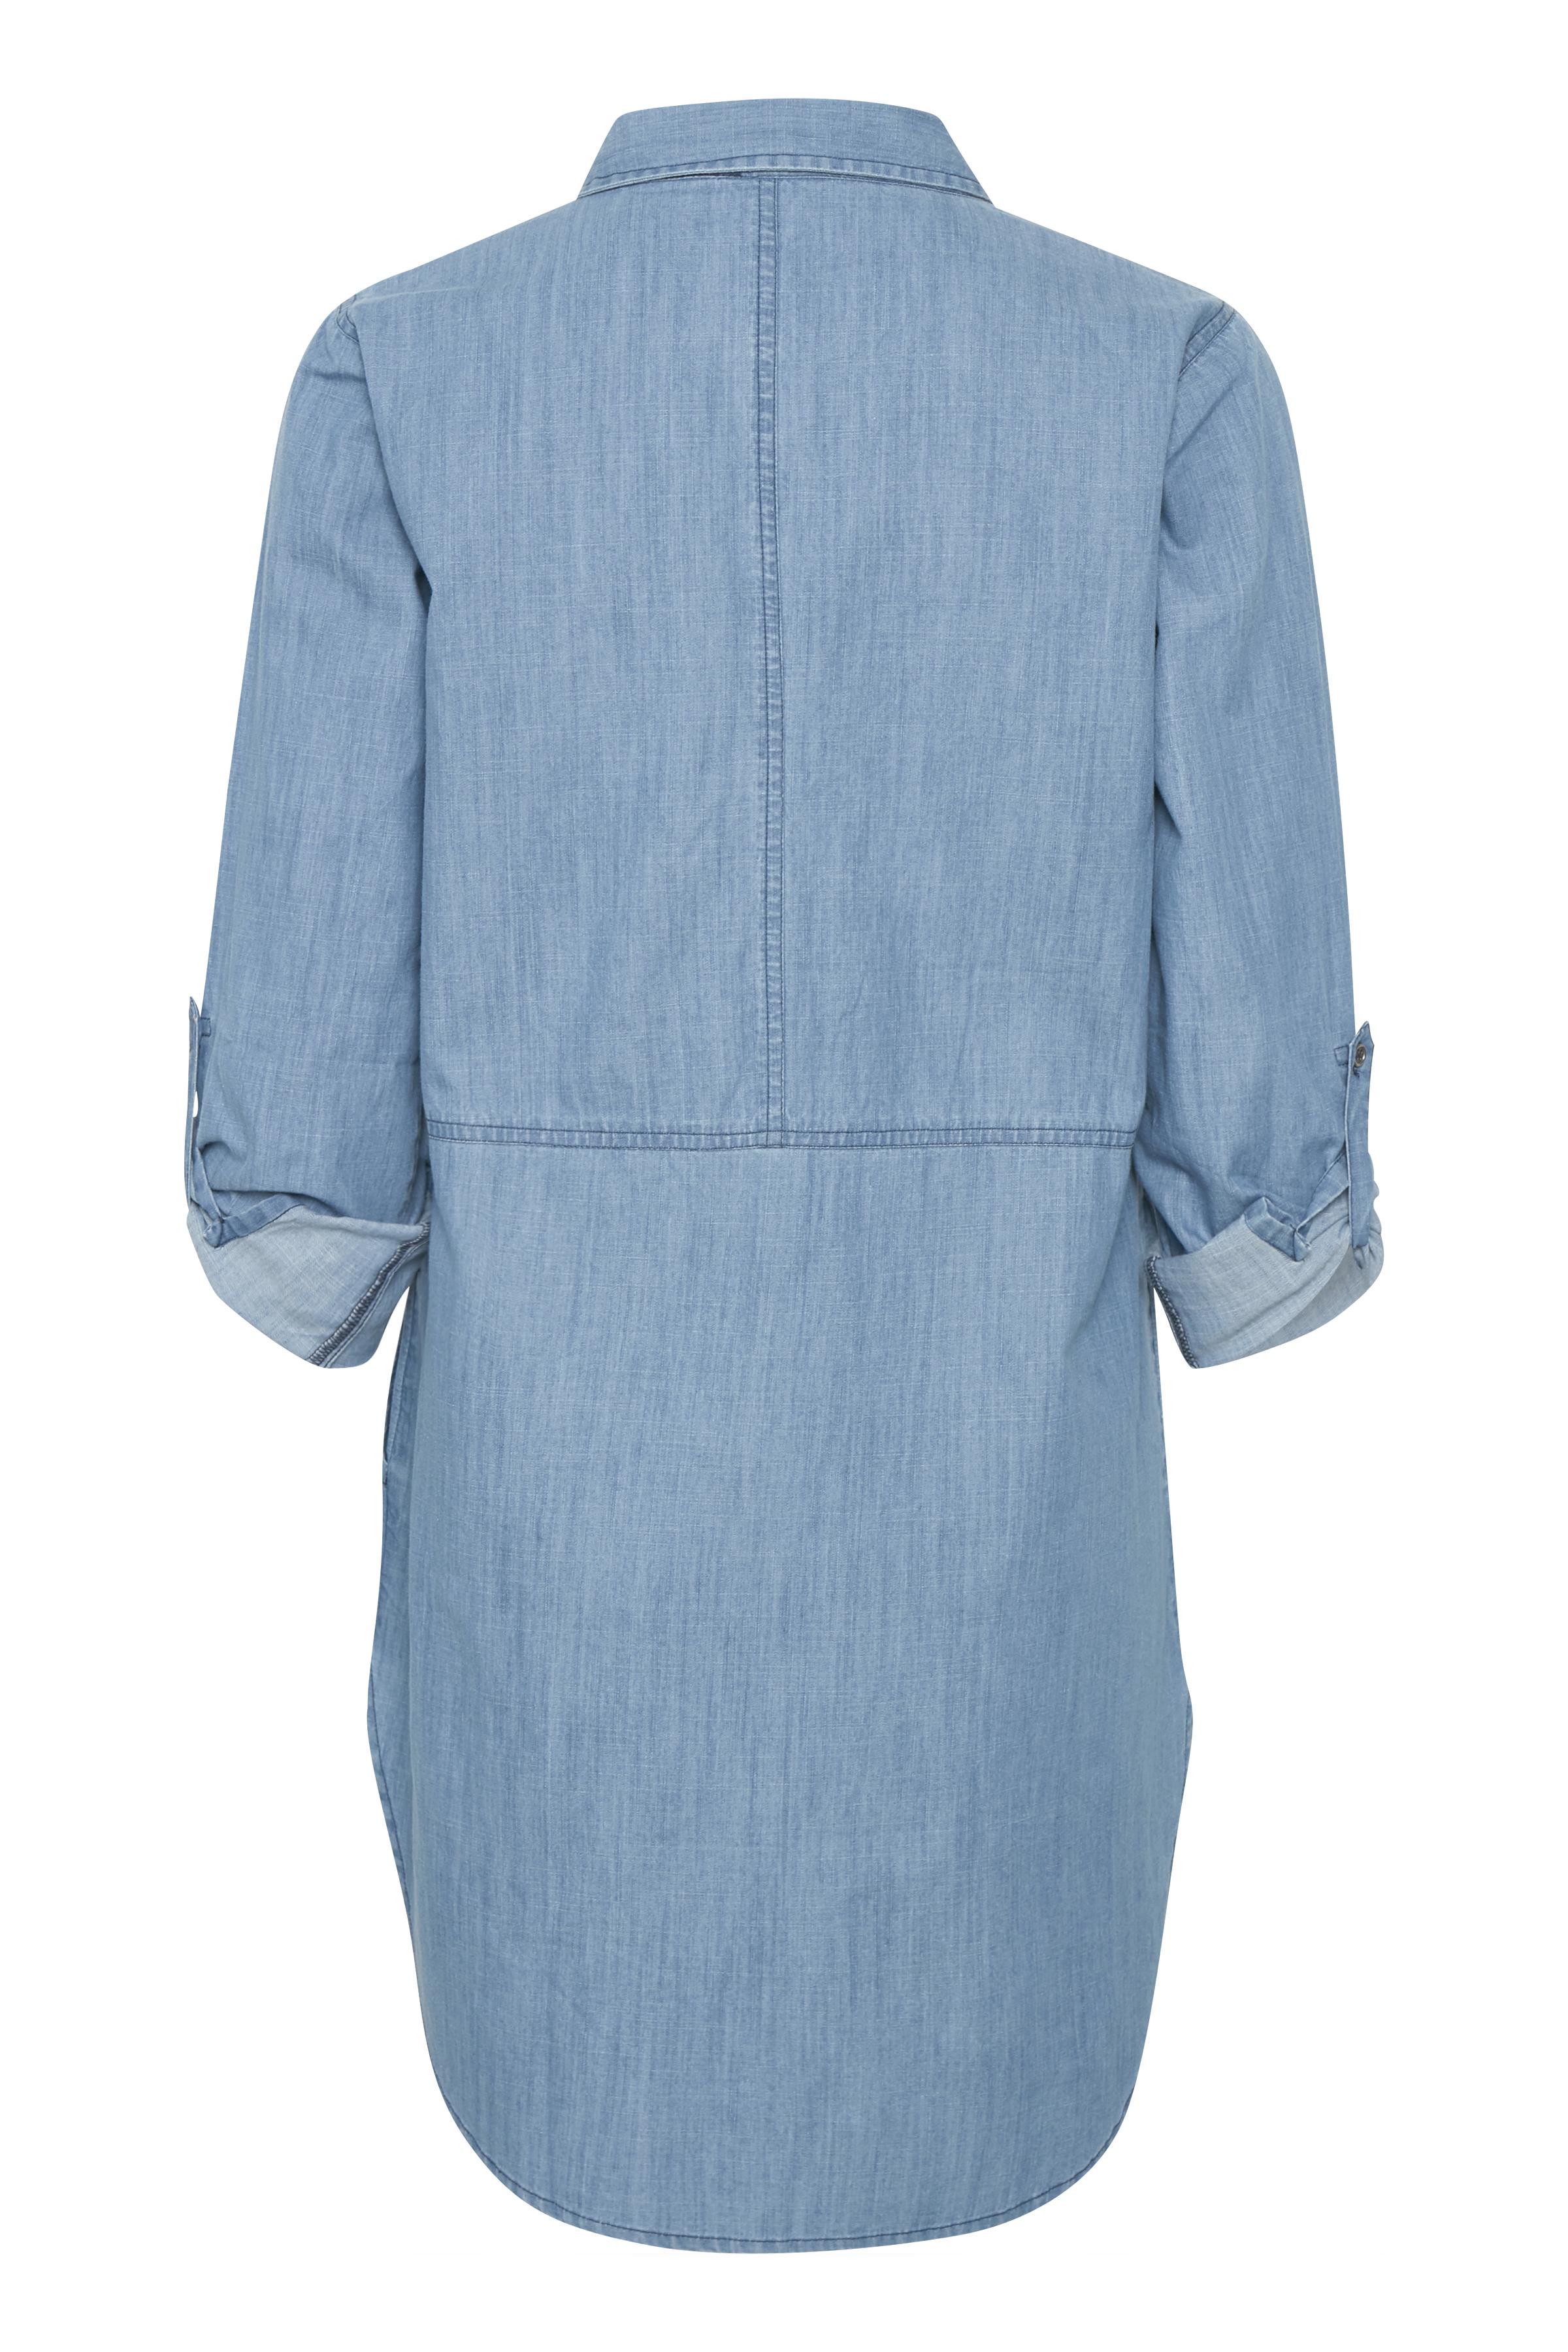 Blau Tunika von Bon'A Parte – Shoppen Sie Blau Tunika ab Gr. S-2XL hier